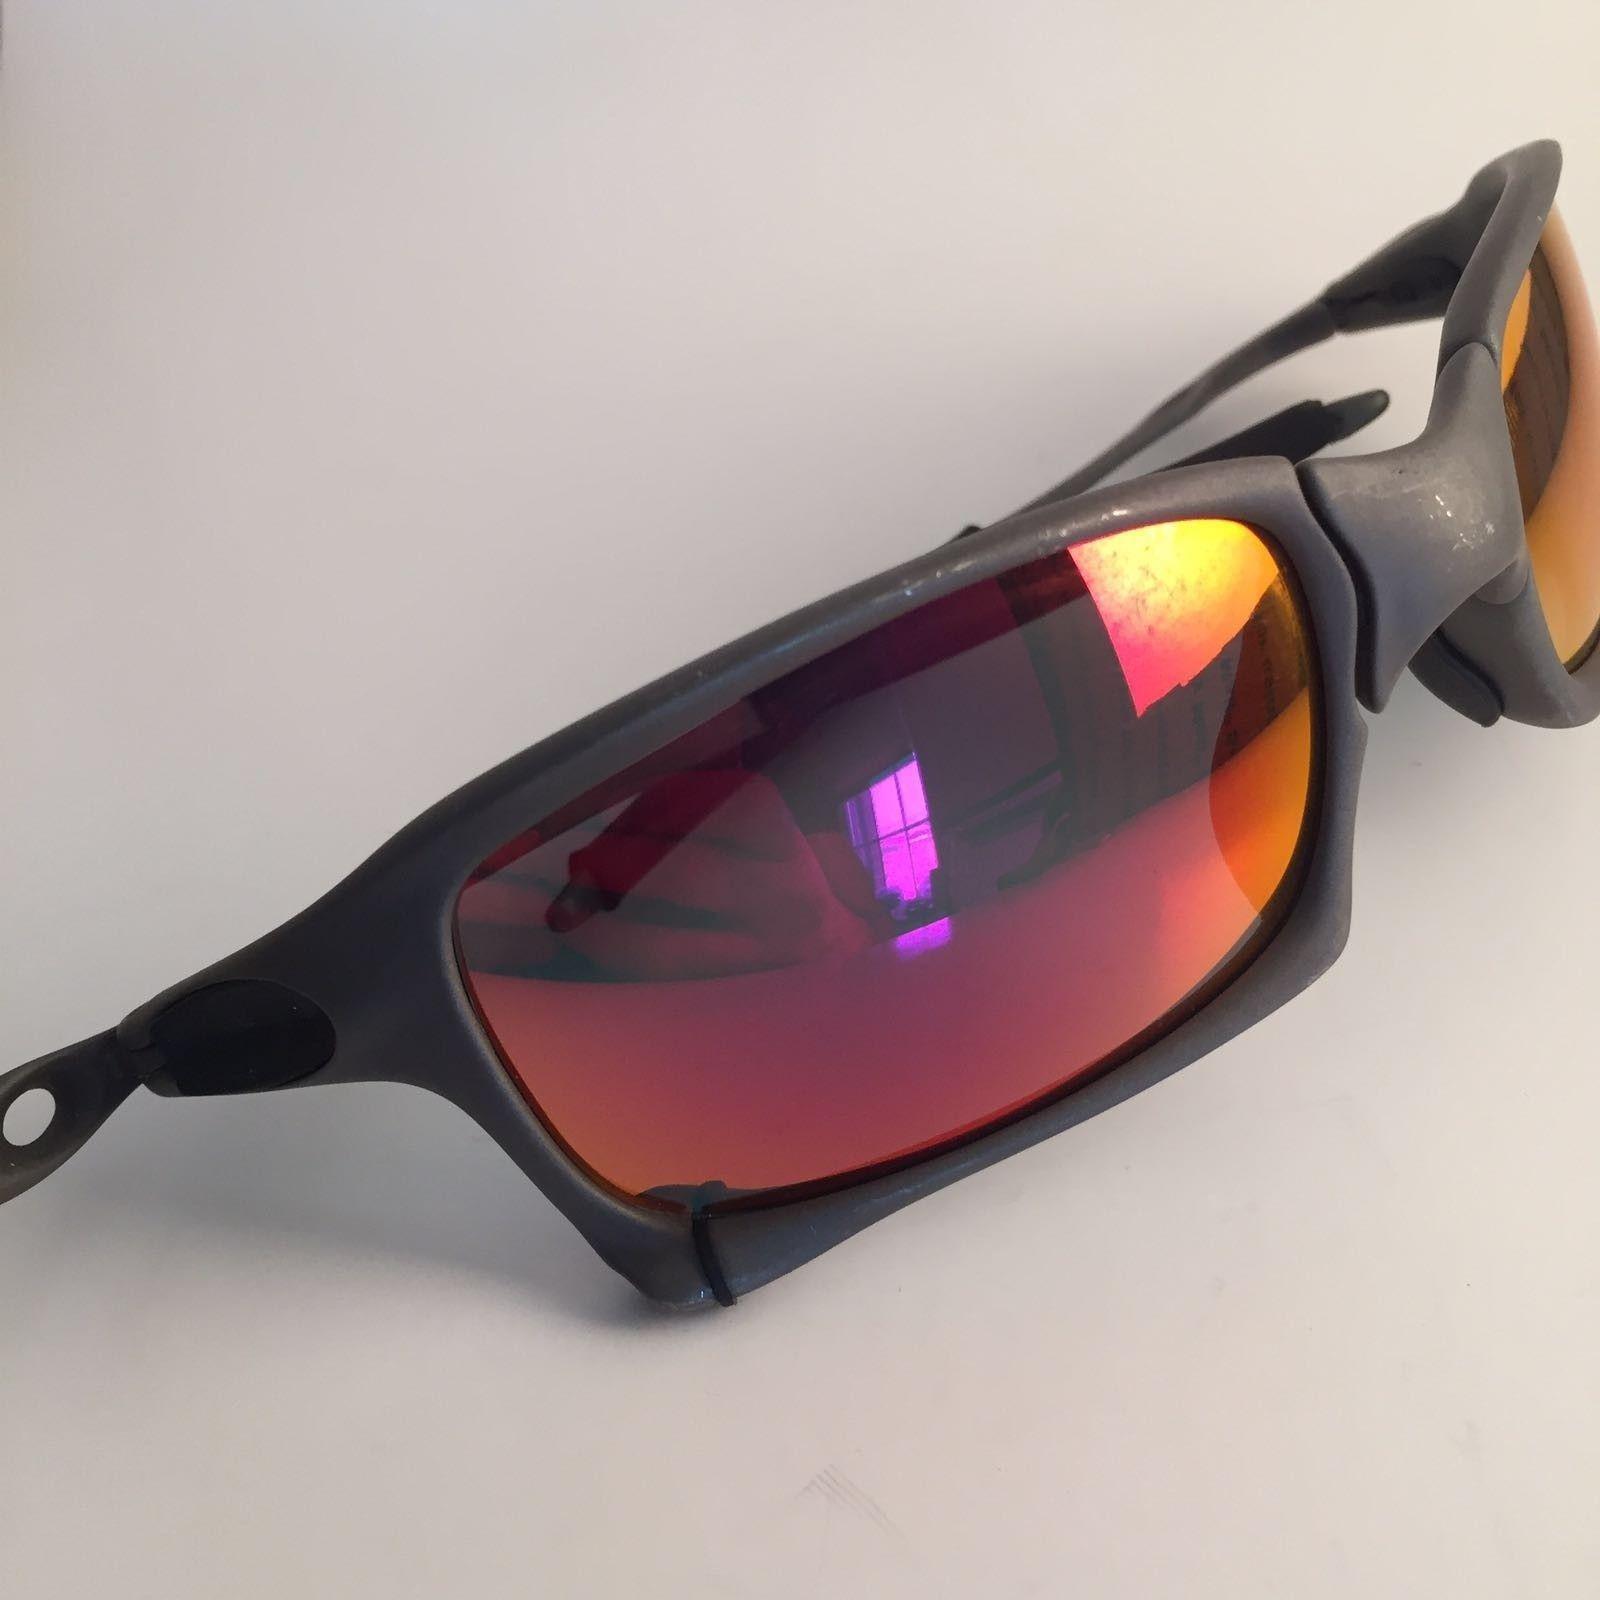 x squared x metal - 17990374-298a-4138-9ead-361804c8f771.jpeg